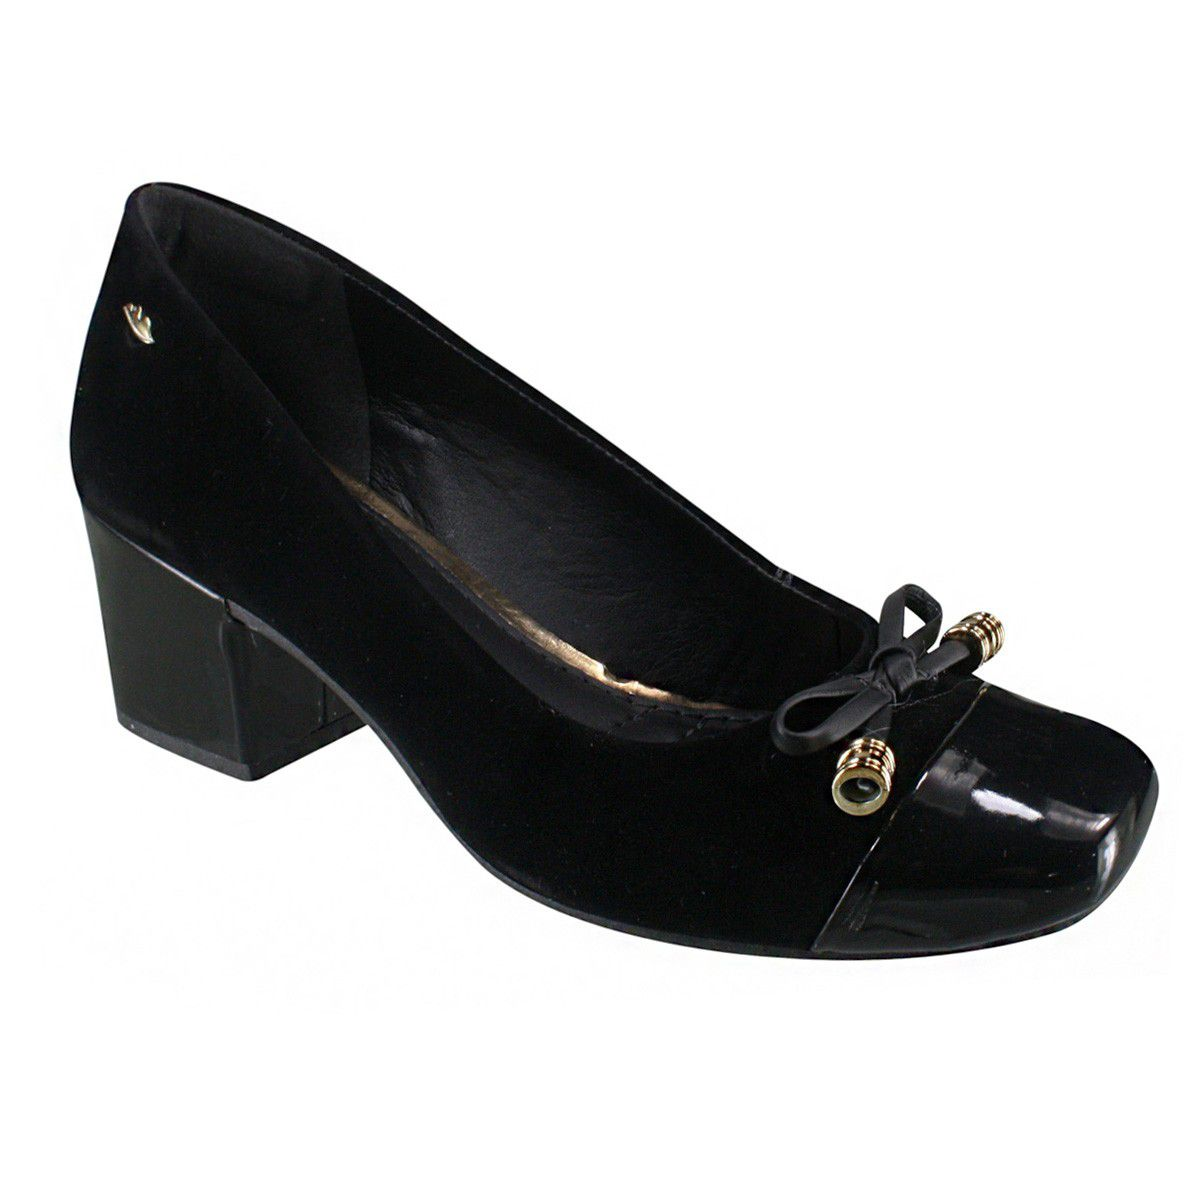 b4a0a8f2e4 Sapato Feminino Dakota Laço - BRACIA SHOP  Loja de Roupas